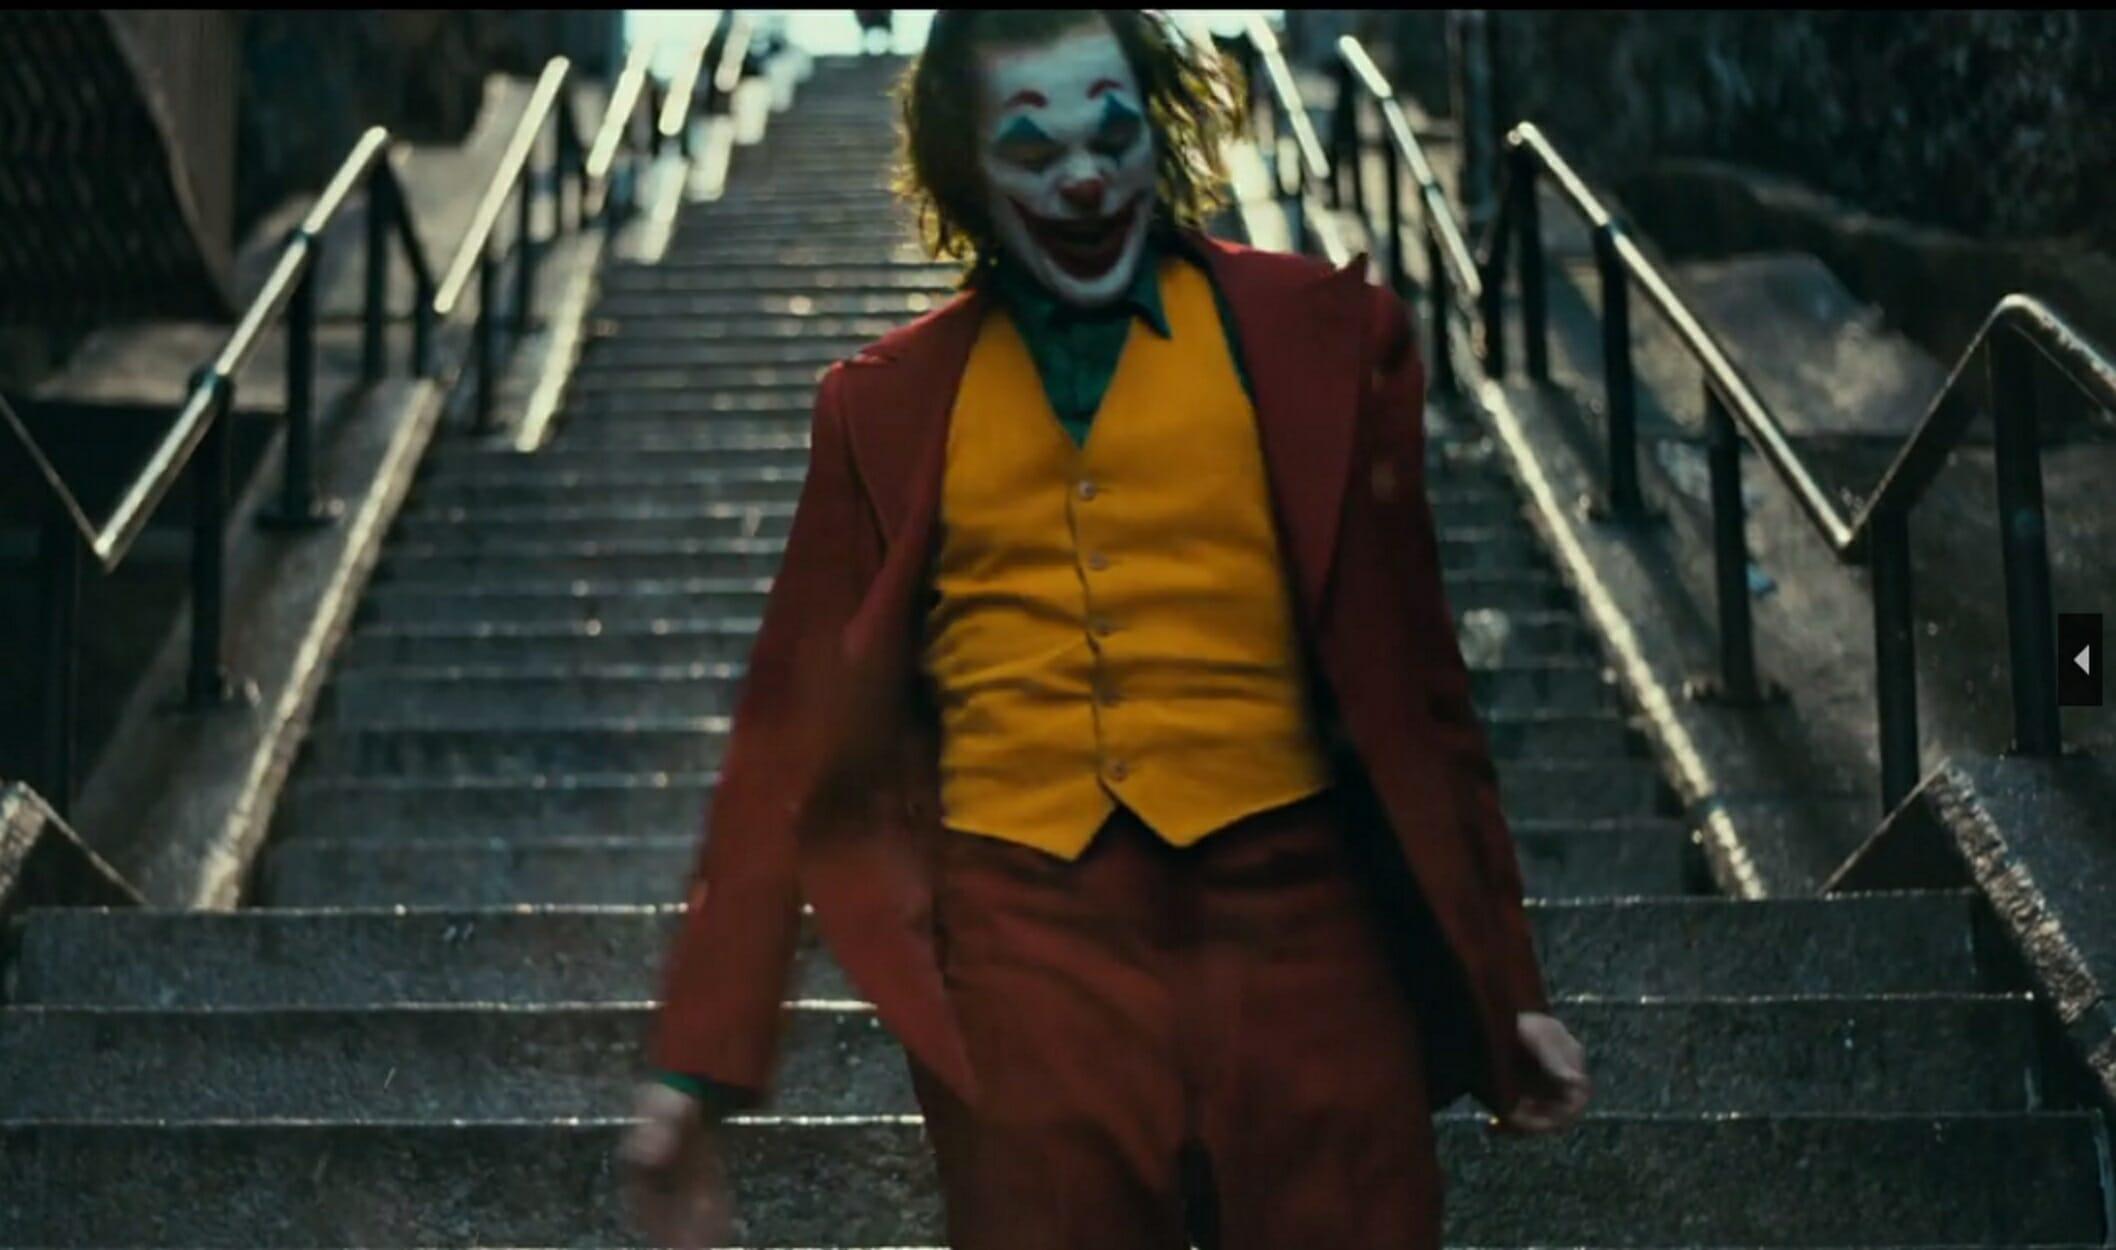 Joker youtube 12 02 2020